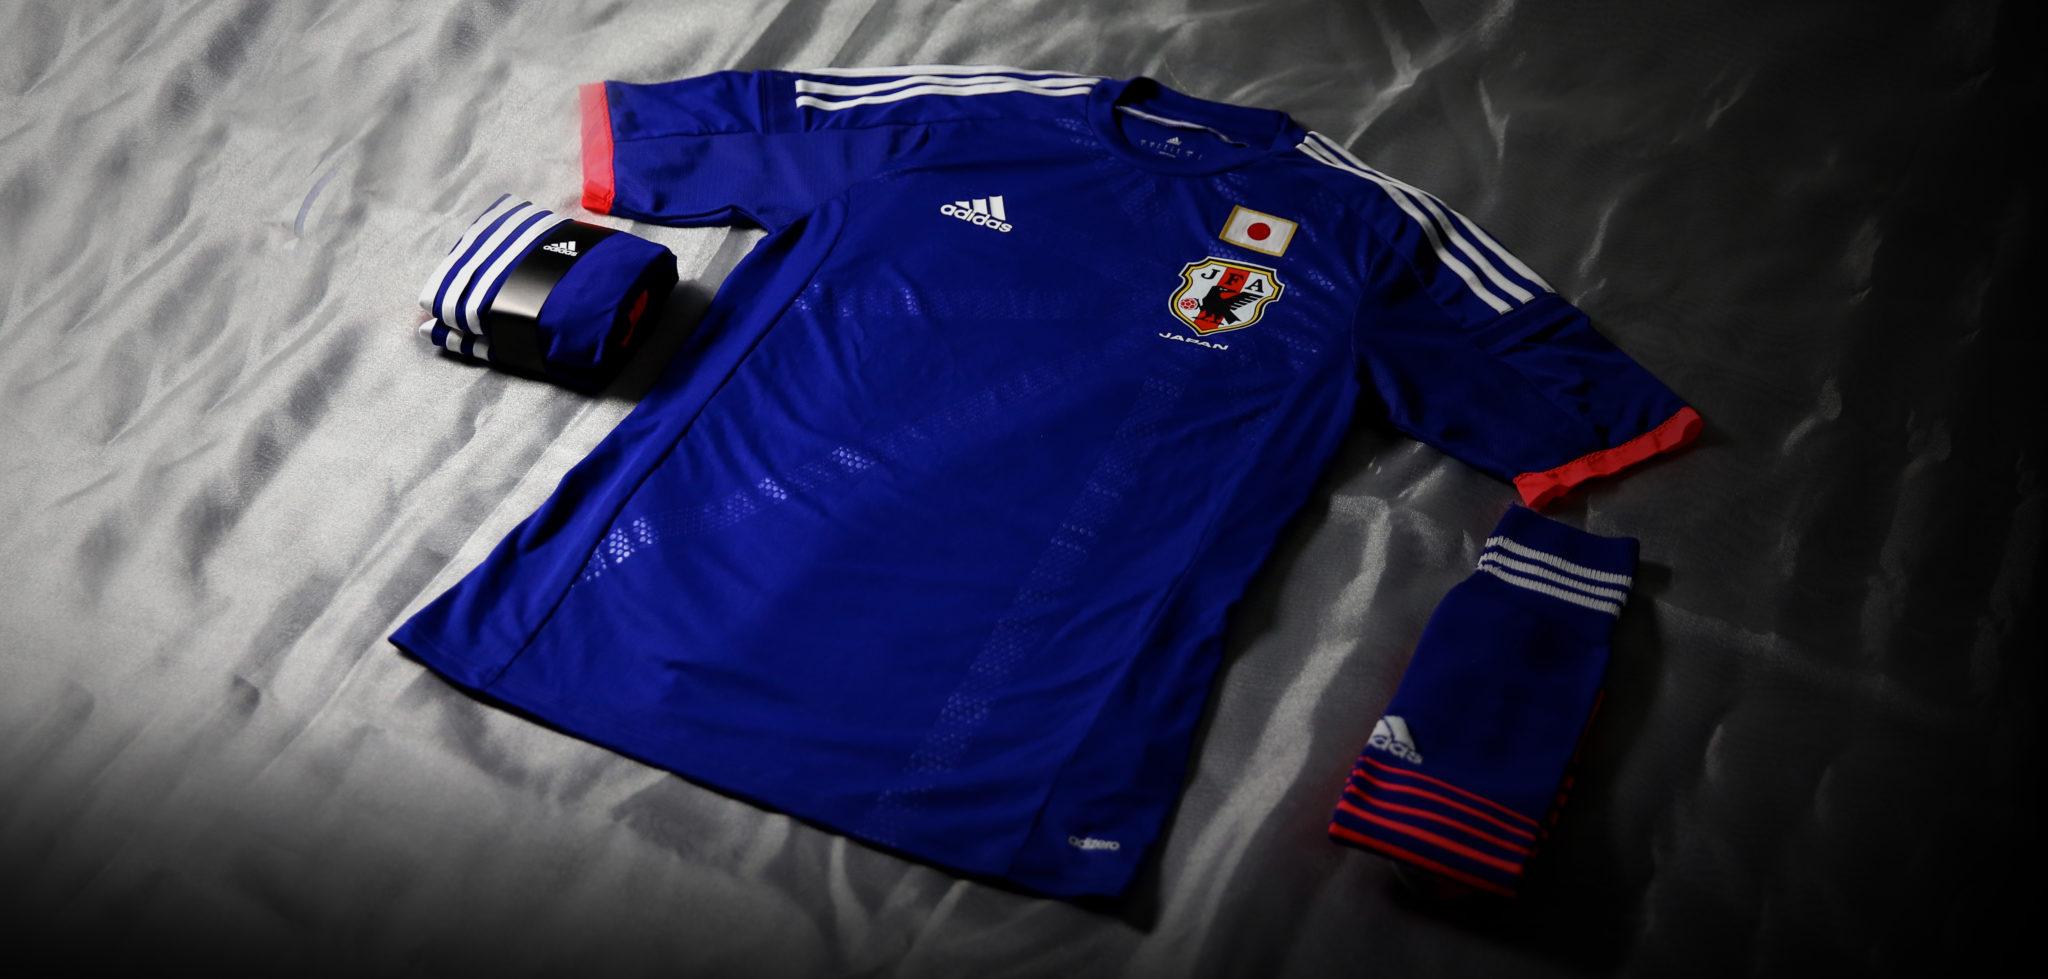 Le Est De Maillot 2014 Coupe La Monde Lancée Avec Du AdidasGagne FTl1JcK3